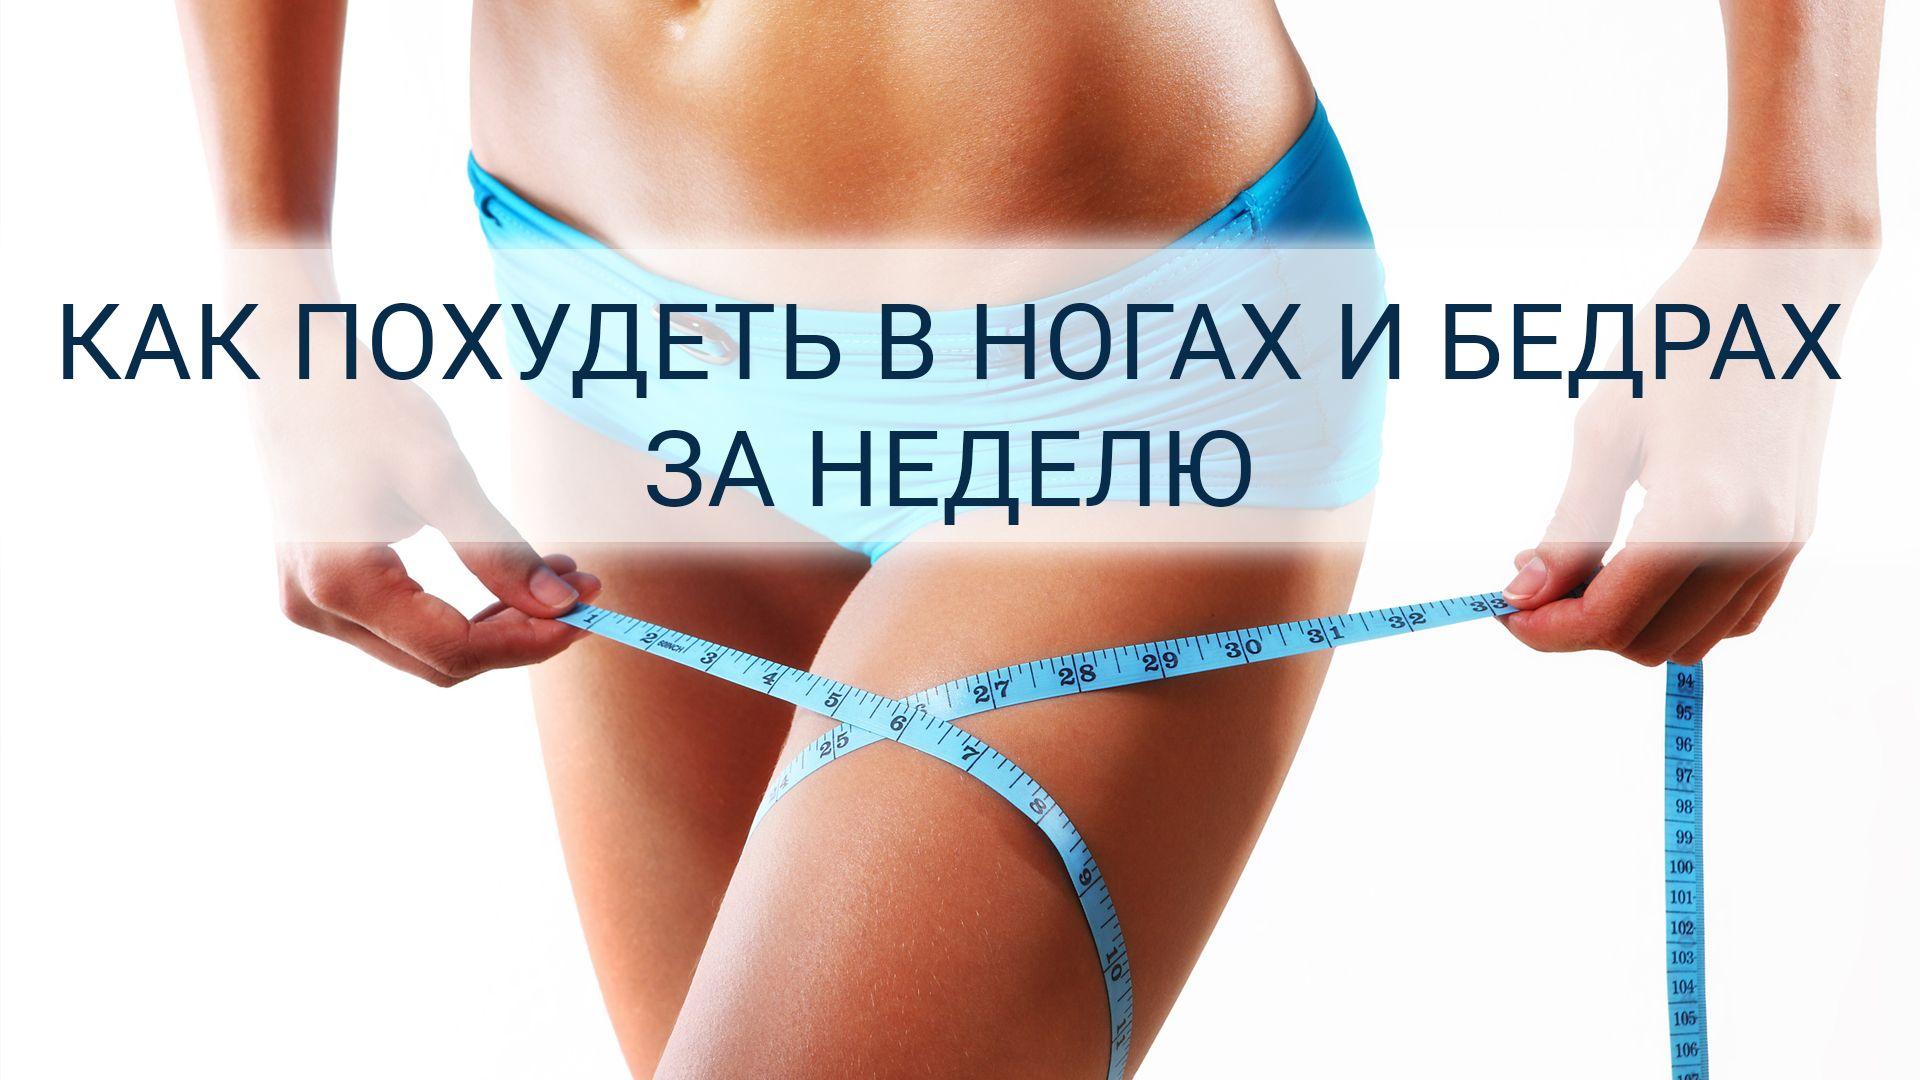 Эффективный Способ Похудеть В Ногах. Как быстро похудеть в ногах. Упражнения, обертывания, питание на неделю, массаж